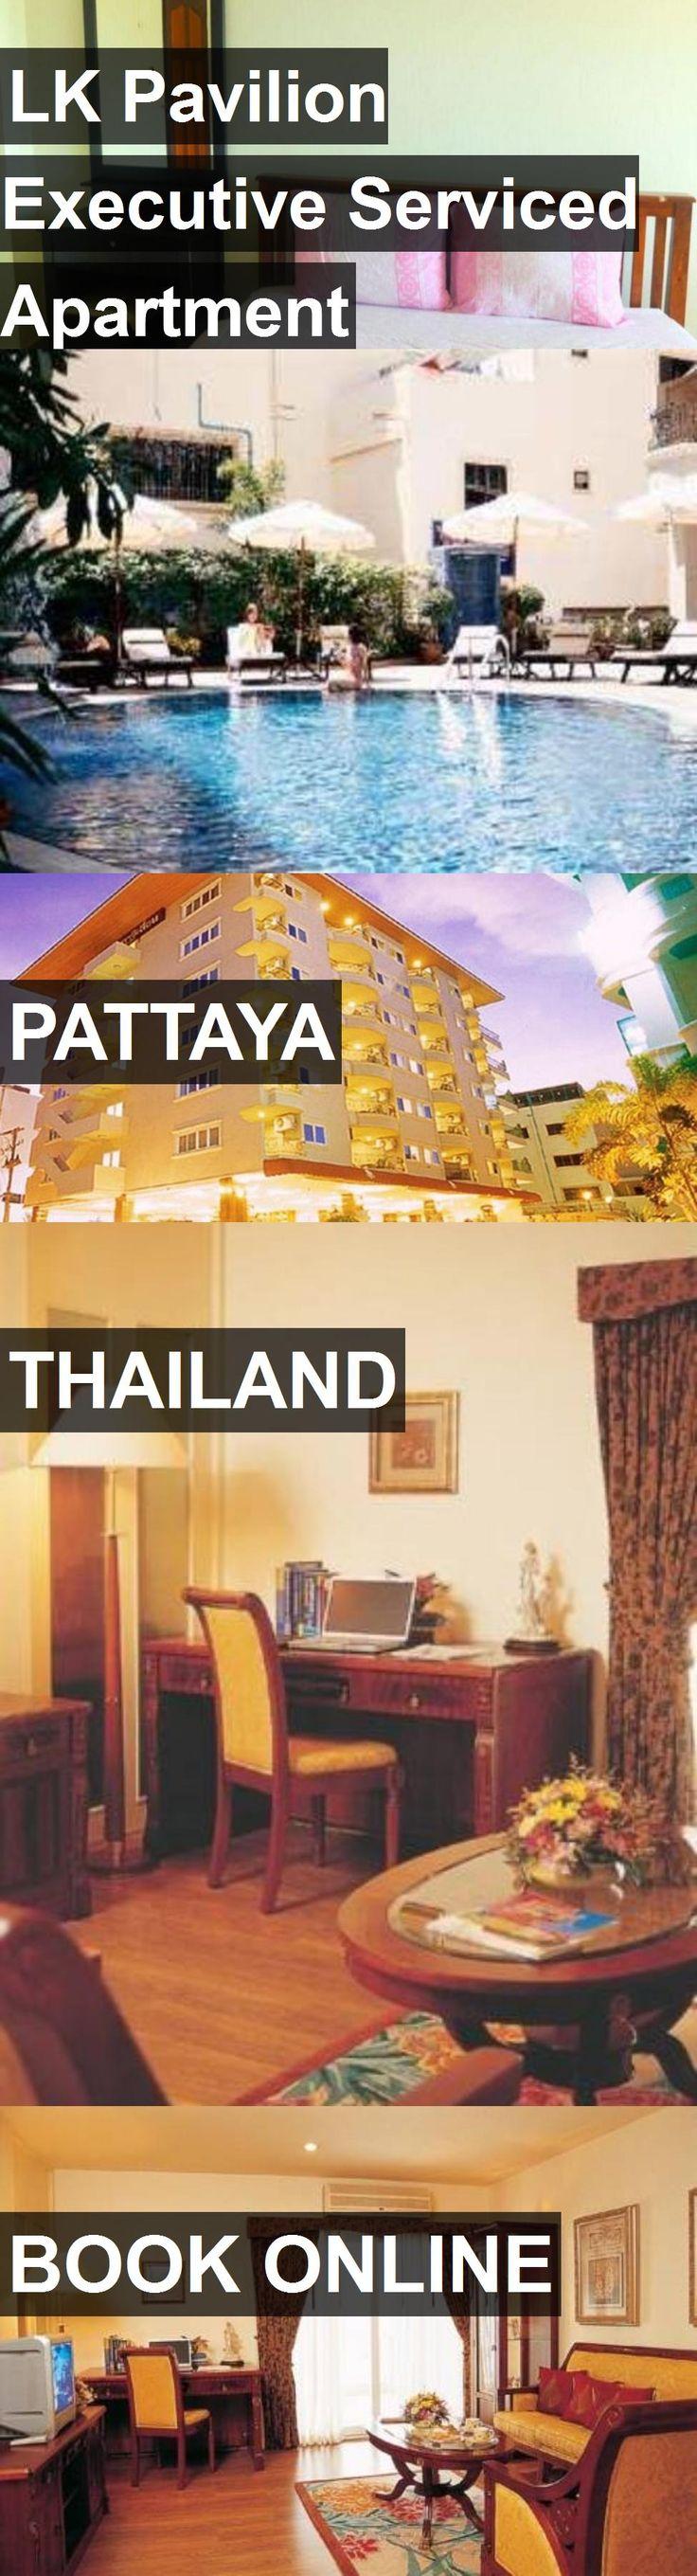 Best 25 Pavilion apartments ideas on Pinterest